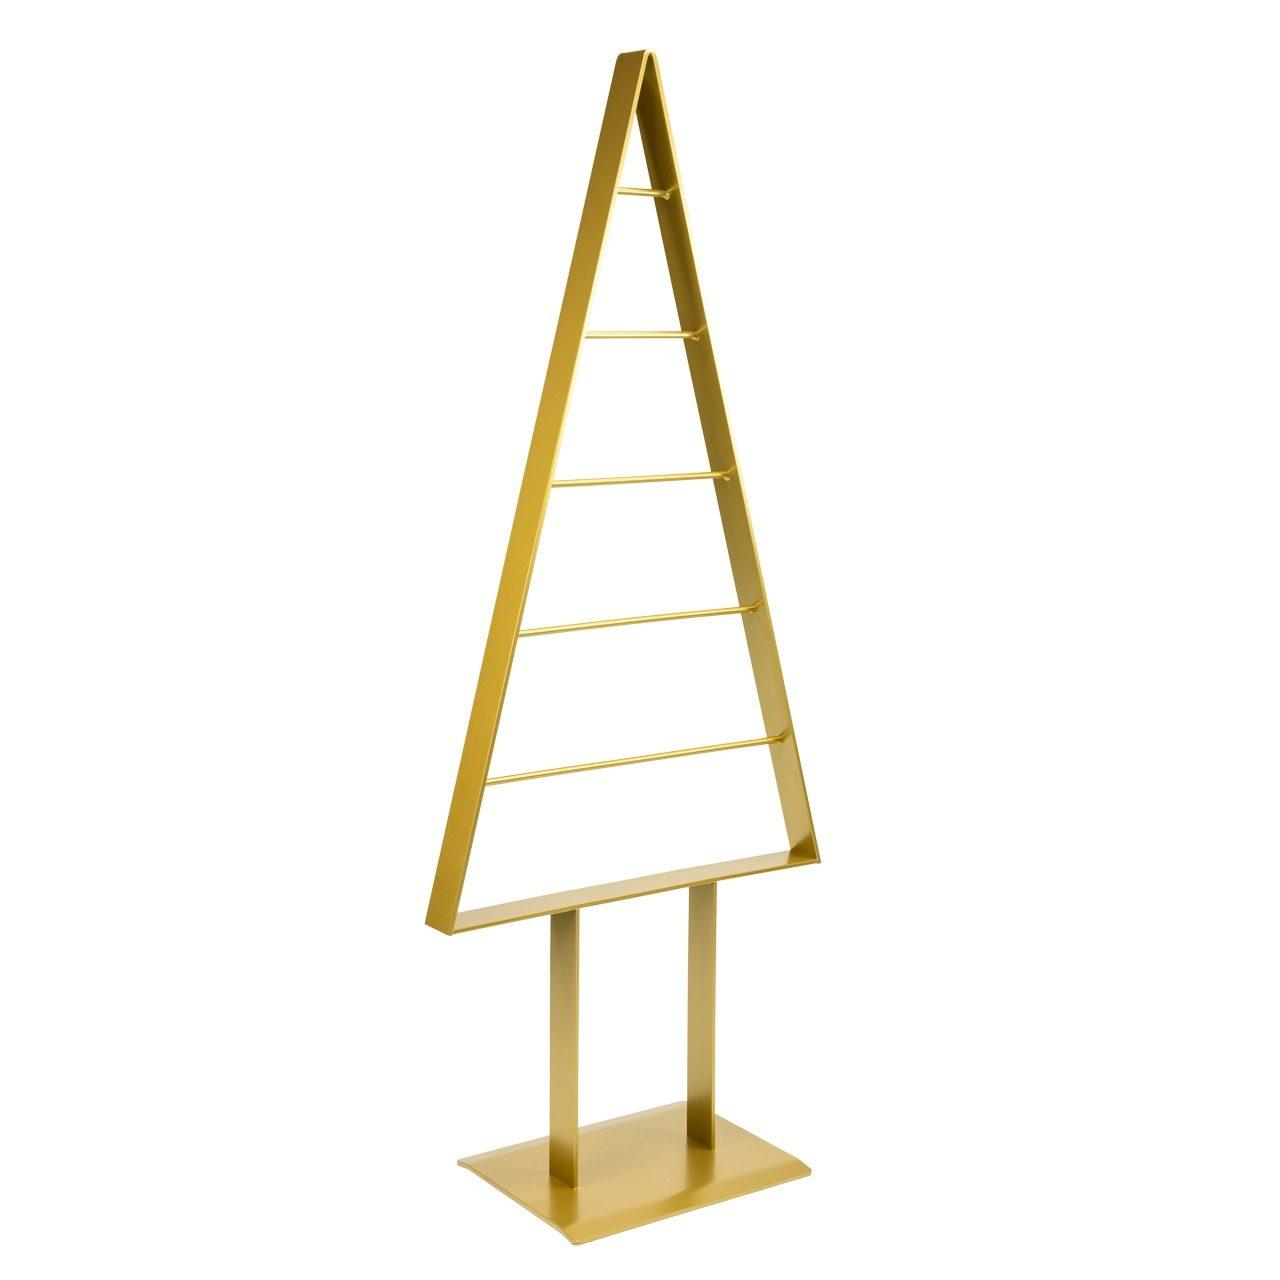 Metall-Weihnachtsbaum (Gold)